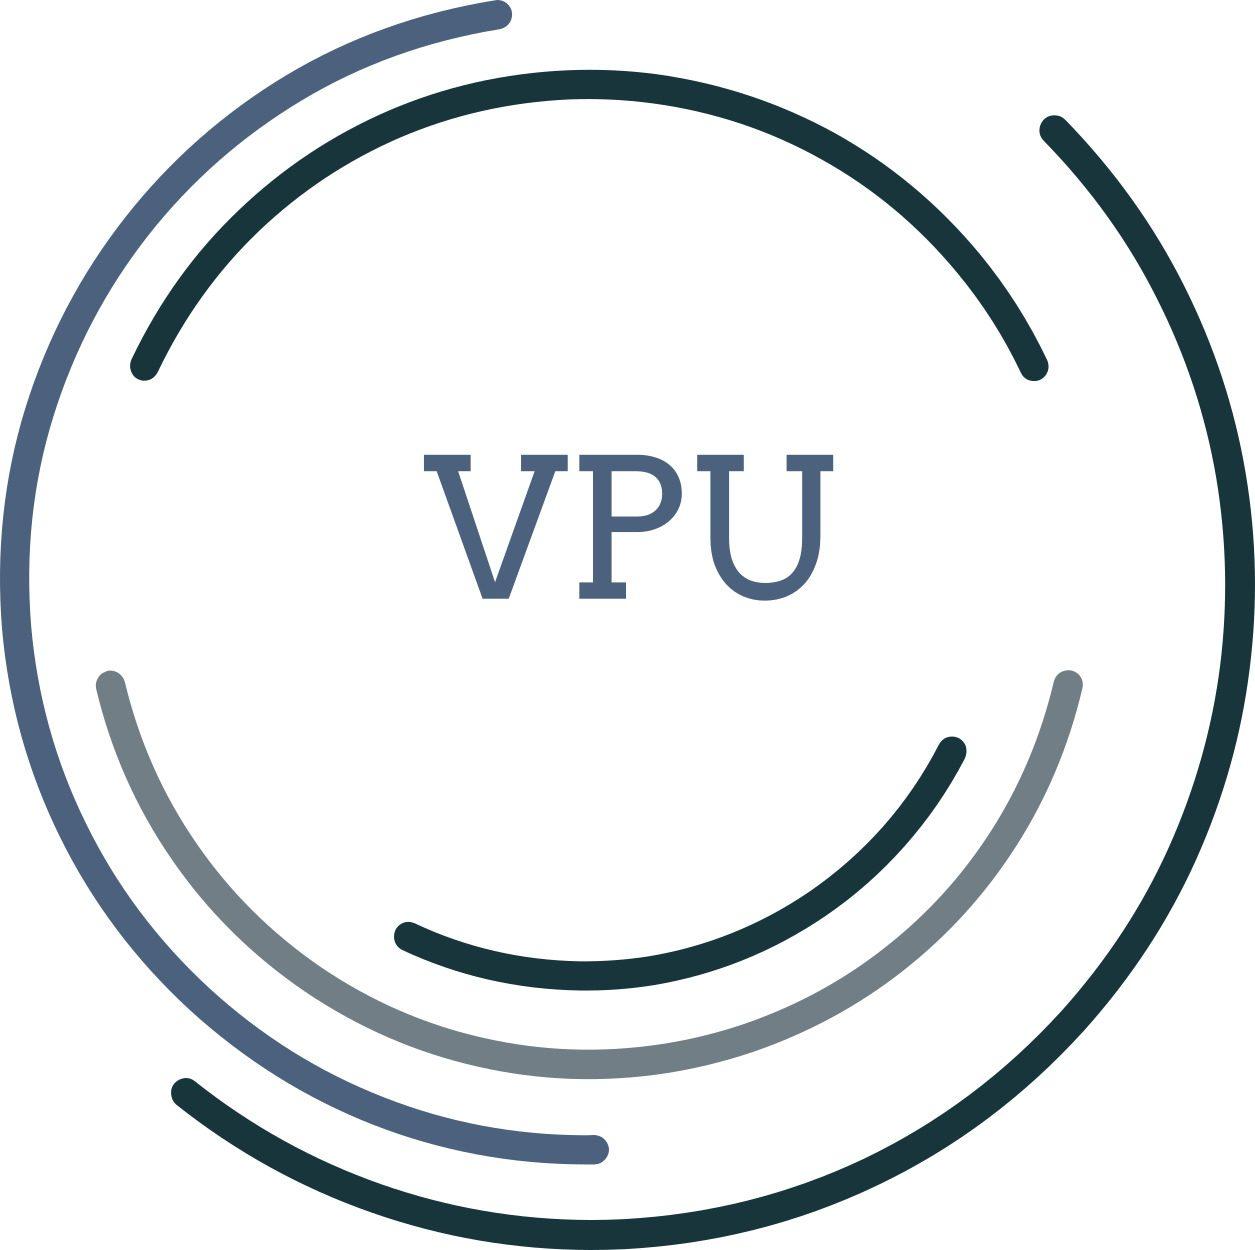 Verband für Philosophie und Unternehmensberatung